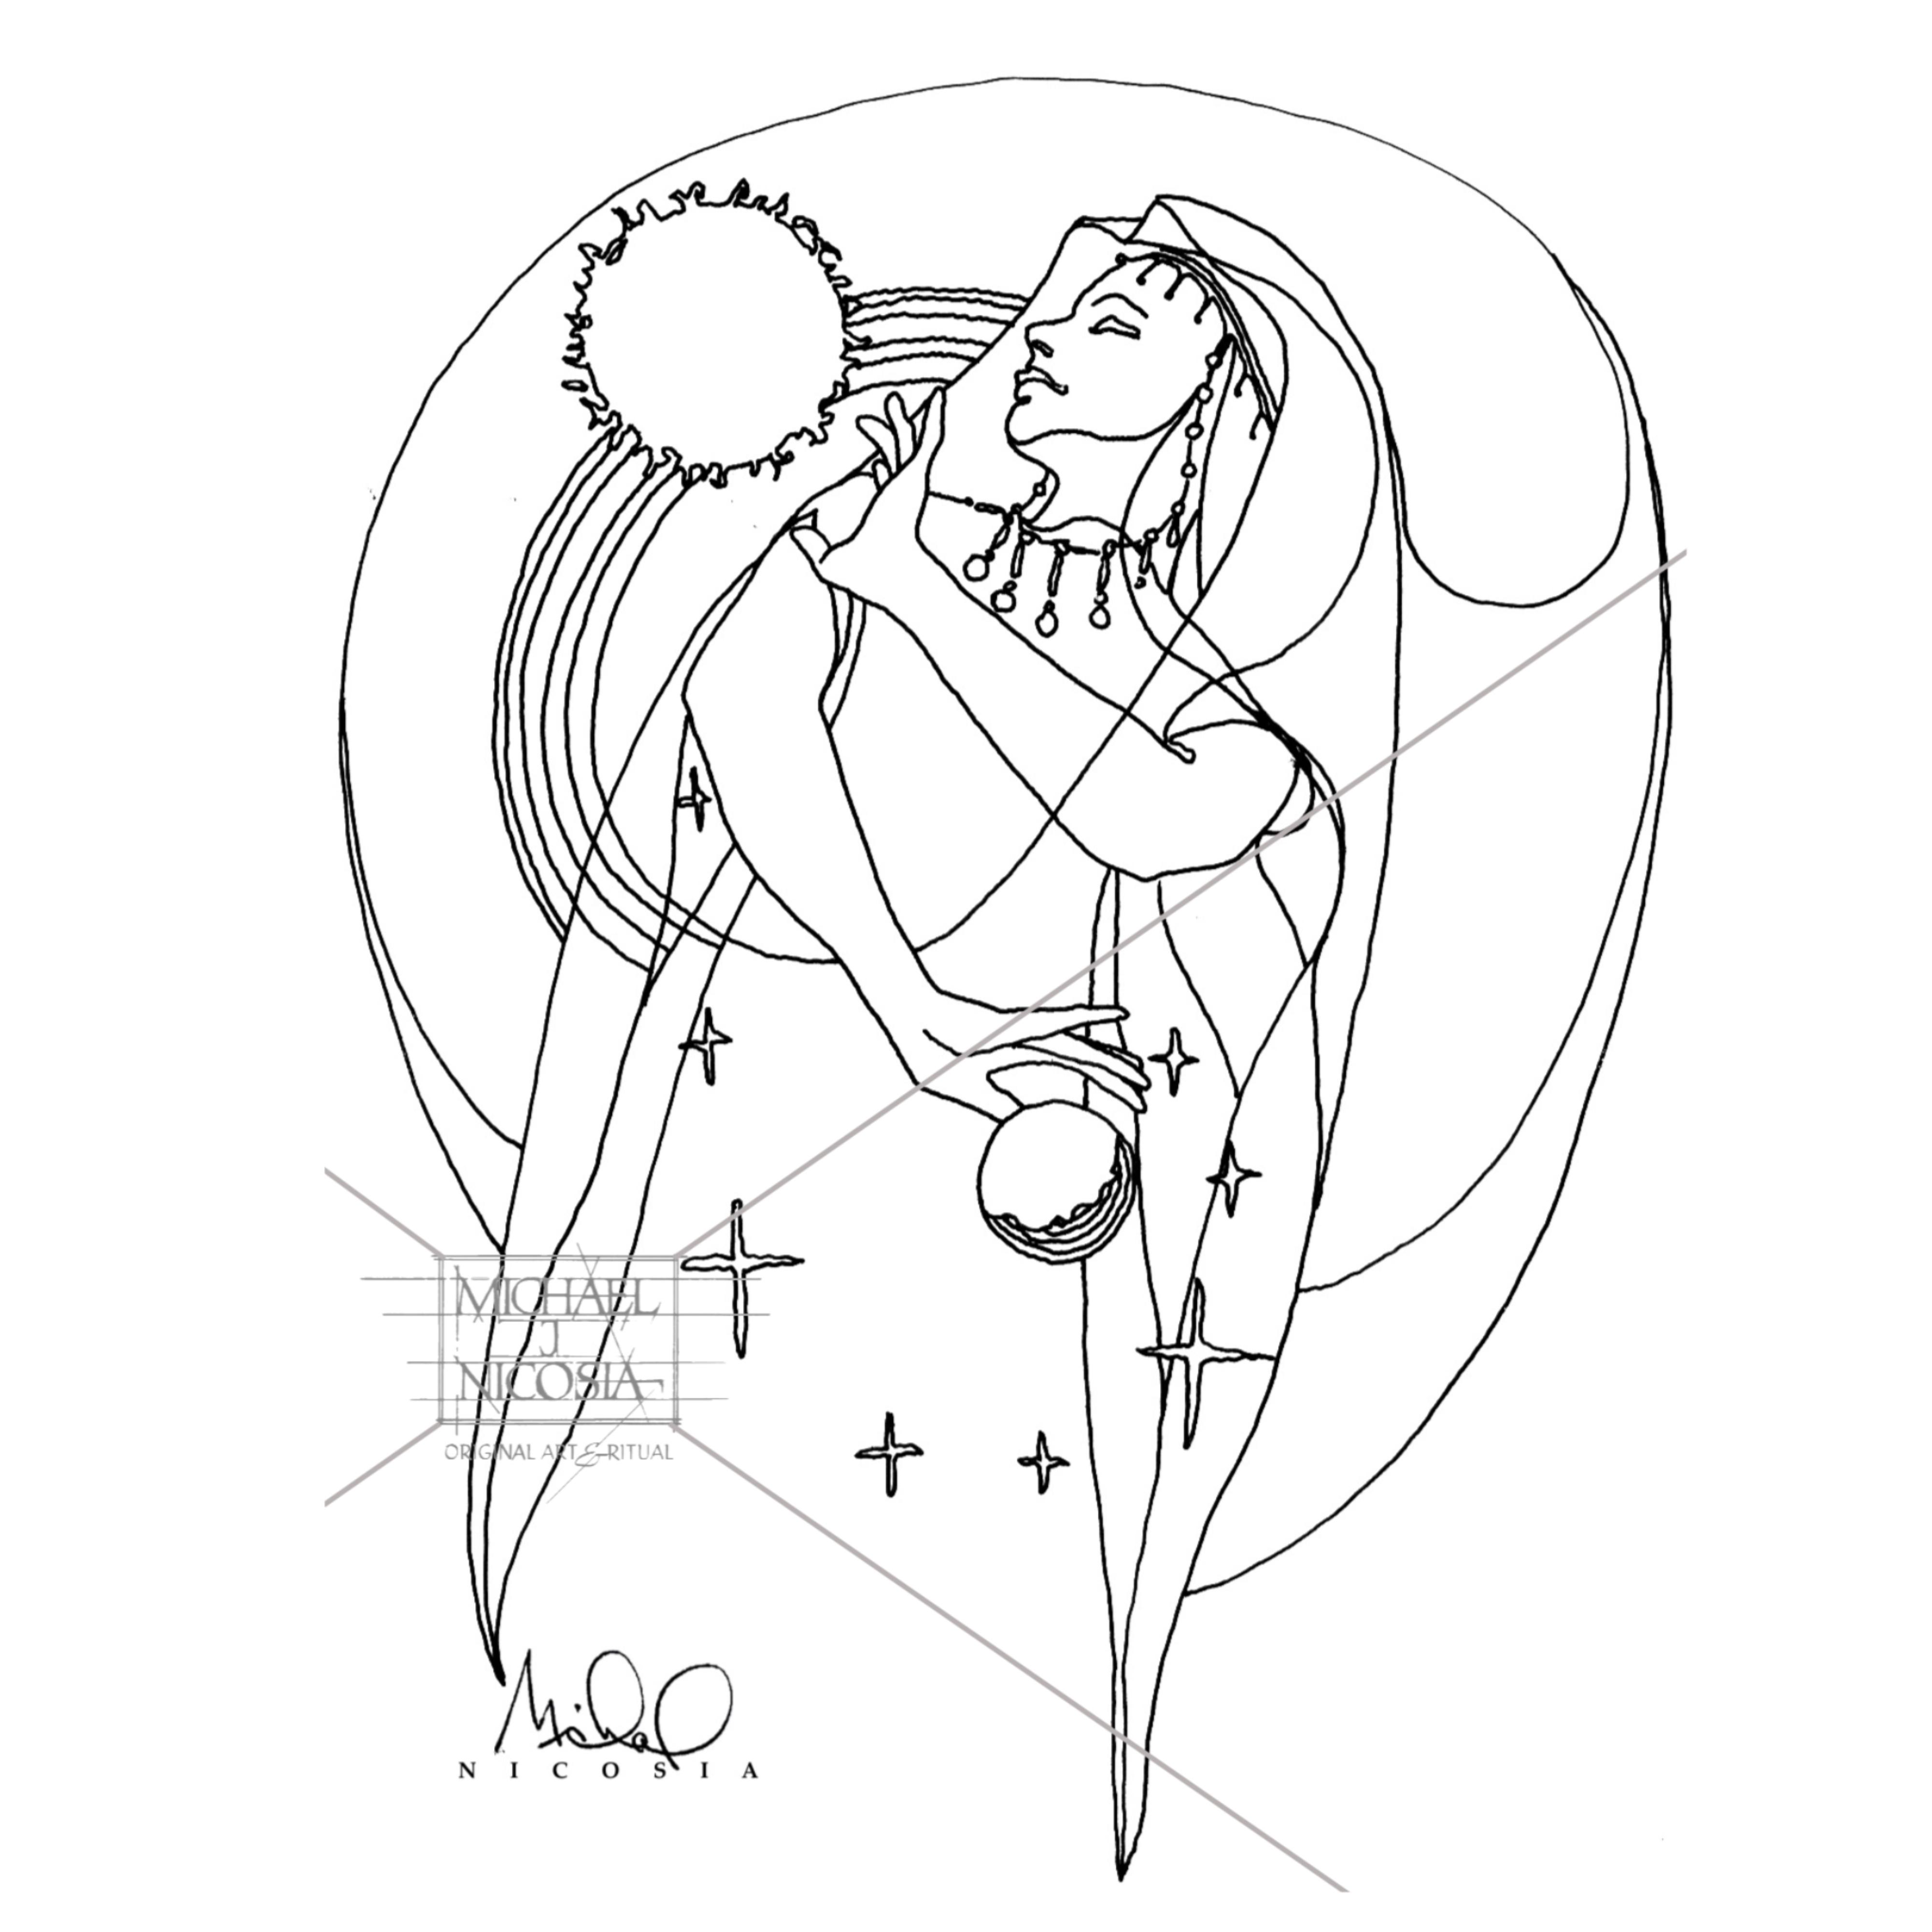 cosmic dance website